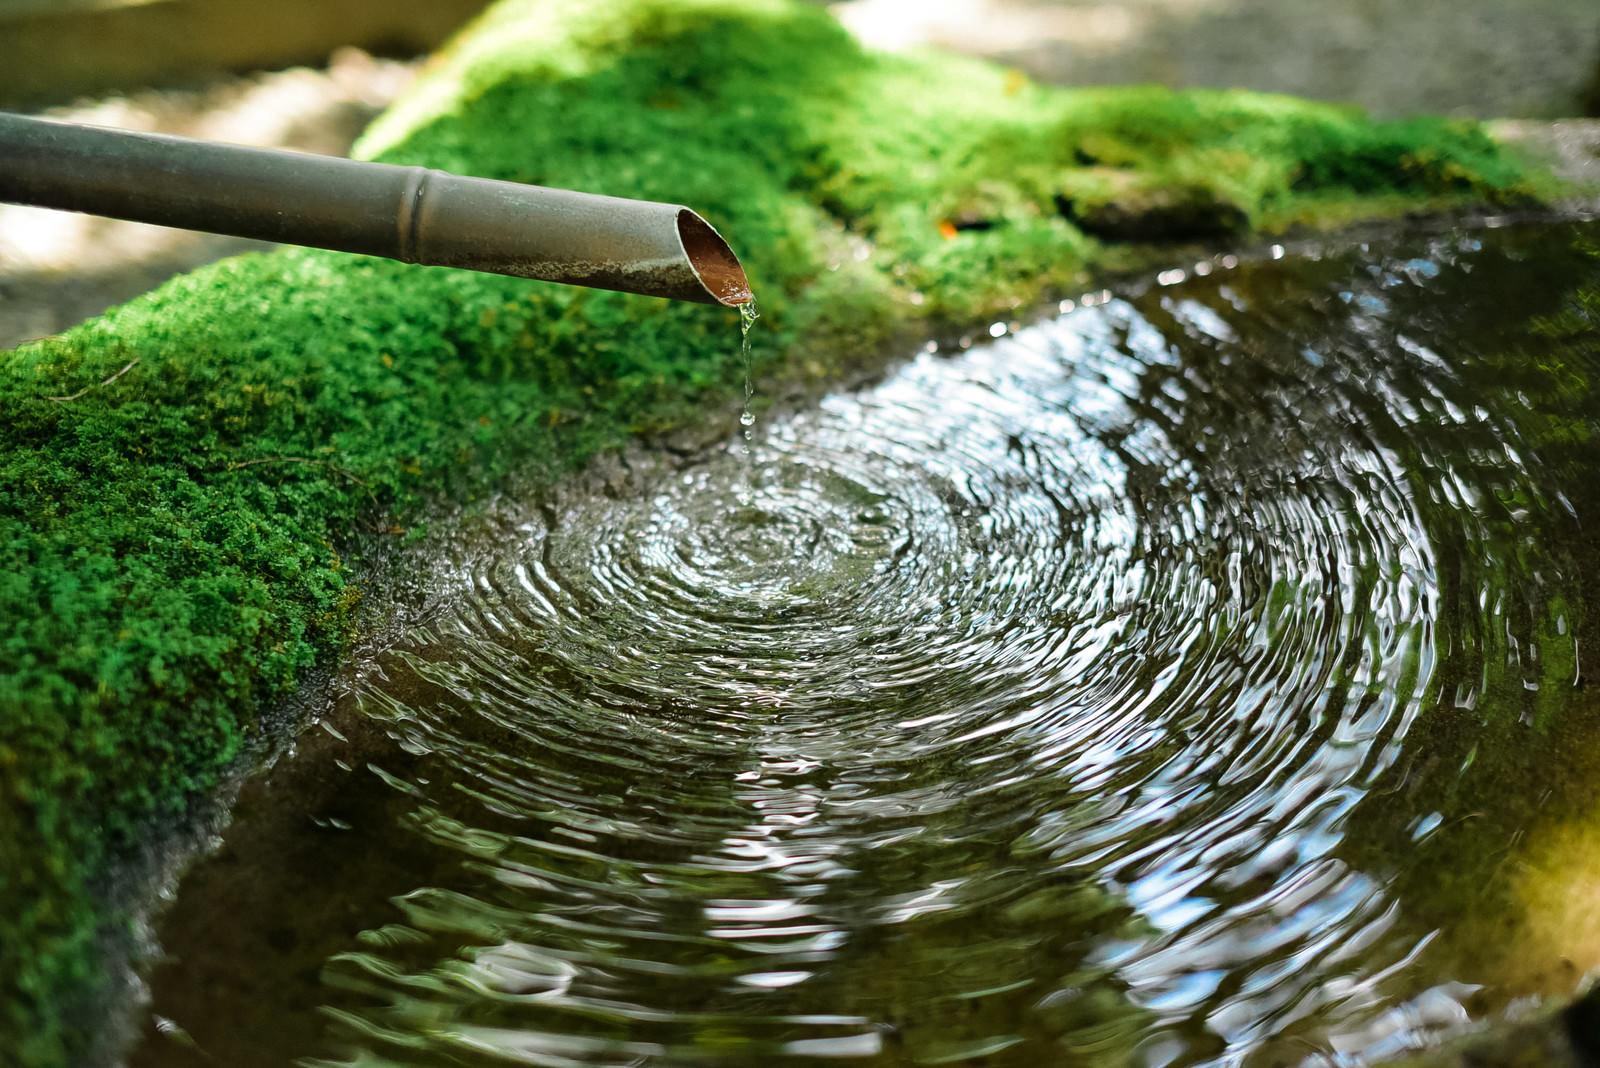 「苔むした水溜りに落ちる雫からできる波紋」の写真